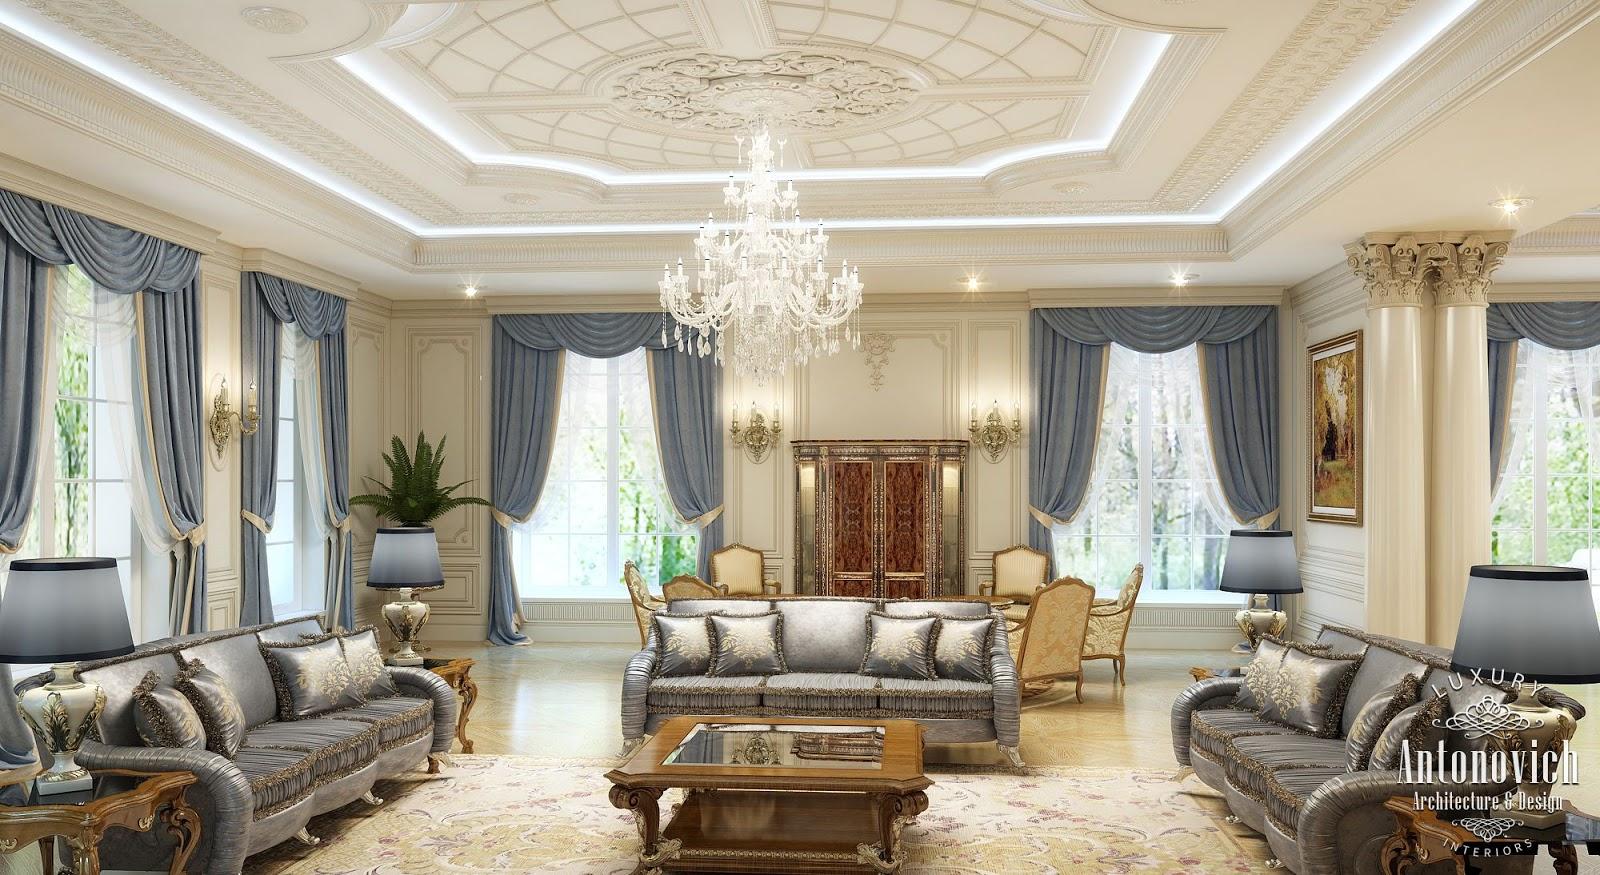 Luxury Home Interior Design Living Rooms: LUXURY ANTONOVICH DESIGN UAE: Villa Design In The UAE